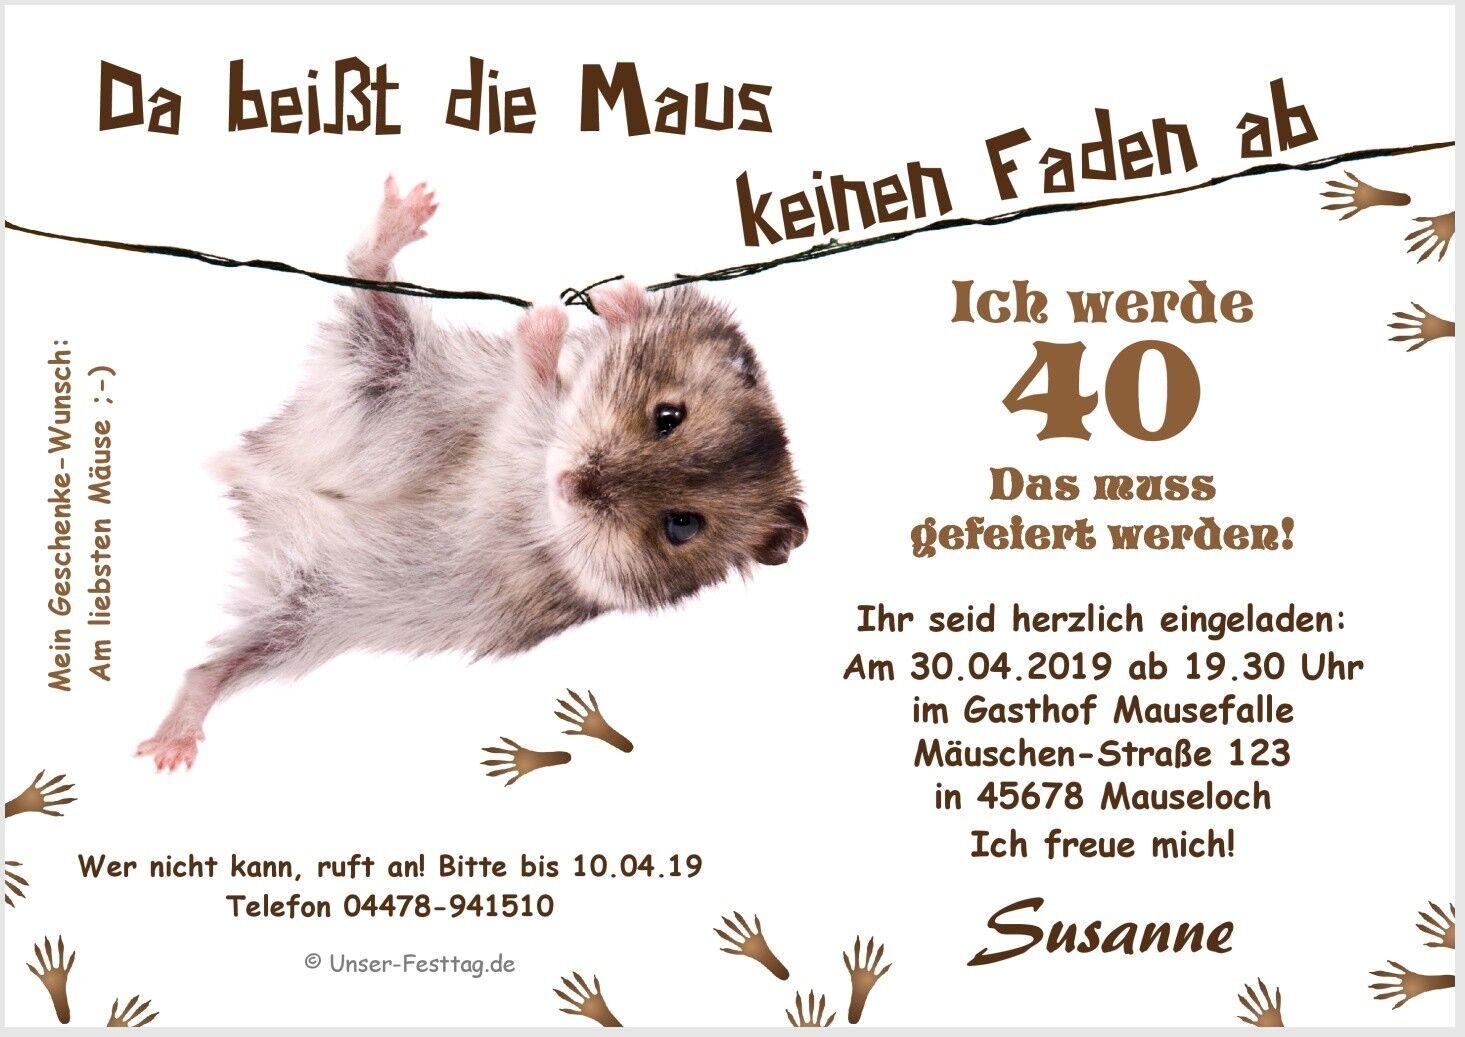 Lustige witzige Einladungskarte Maus Faden Geburtstag - in jedes Alter änderbar     Die Königin Der Qualität    Neue Produkte im Jahr 2019